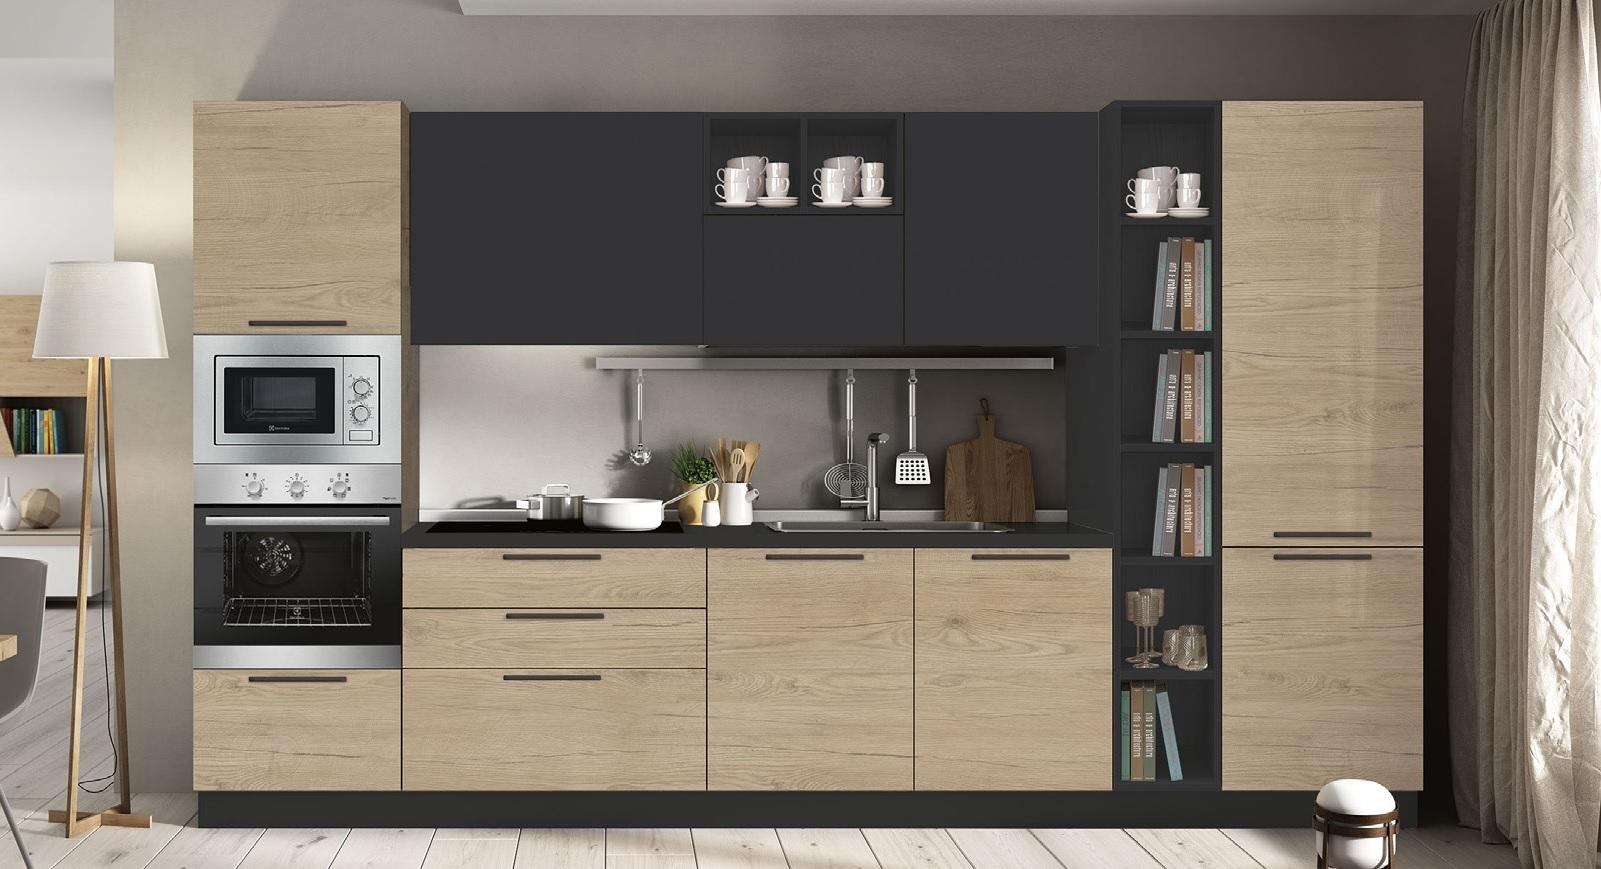 Cucina con elettrodomestici fine serie cucine a prezzi - Elettrodomestici cucina ...